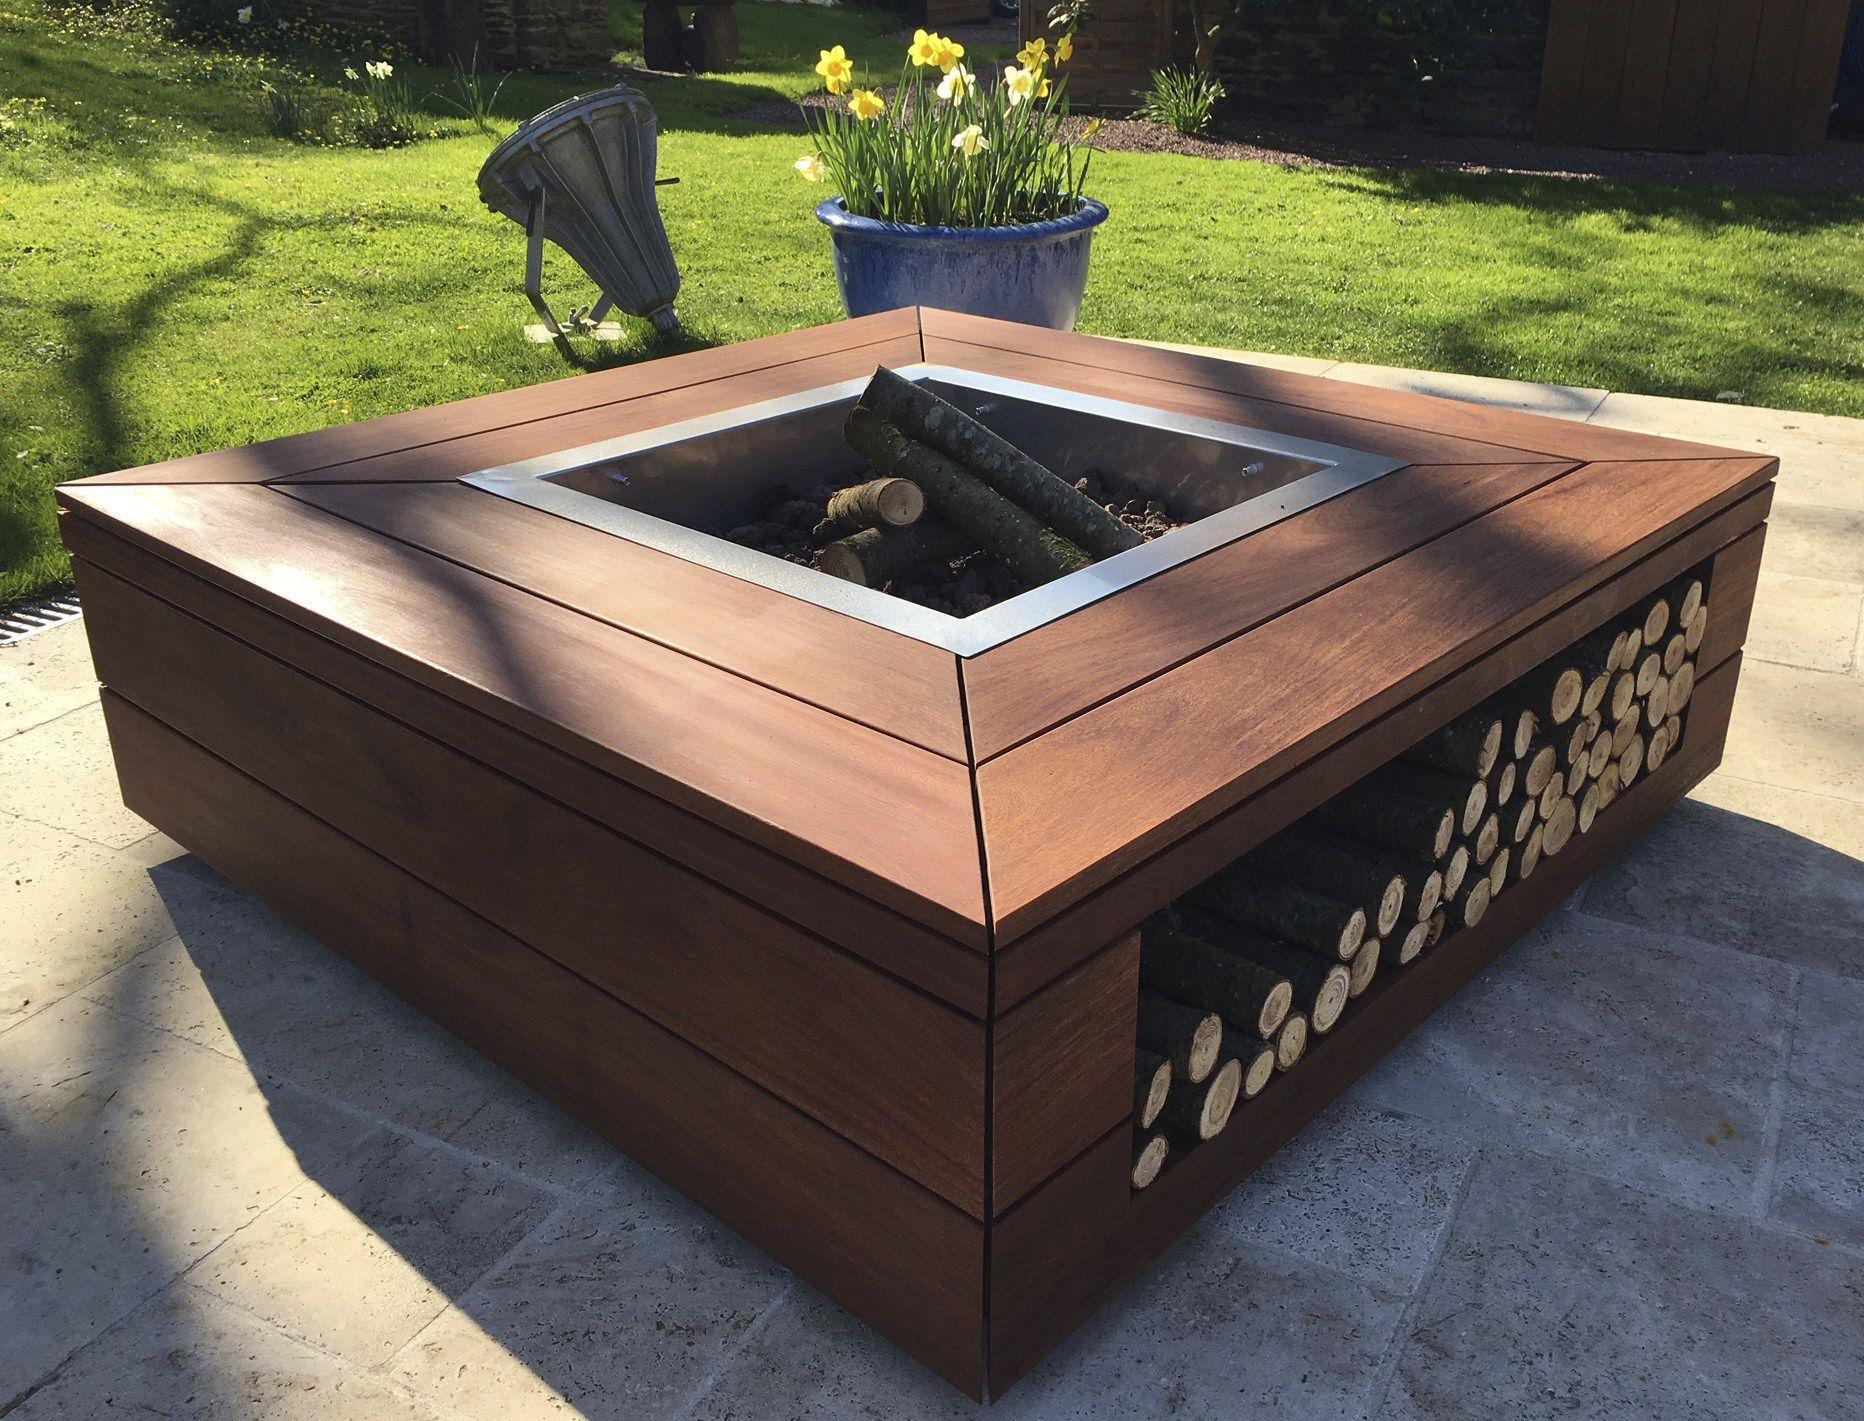 brasero de jardin à bois / à bioéthanol / en bois / avec barbecue